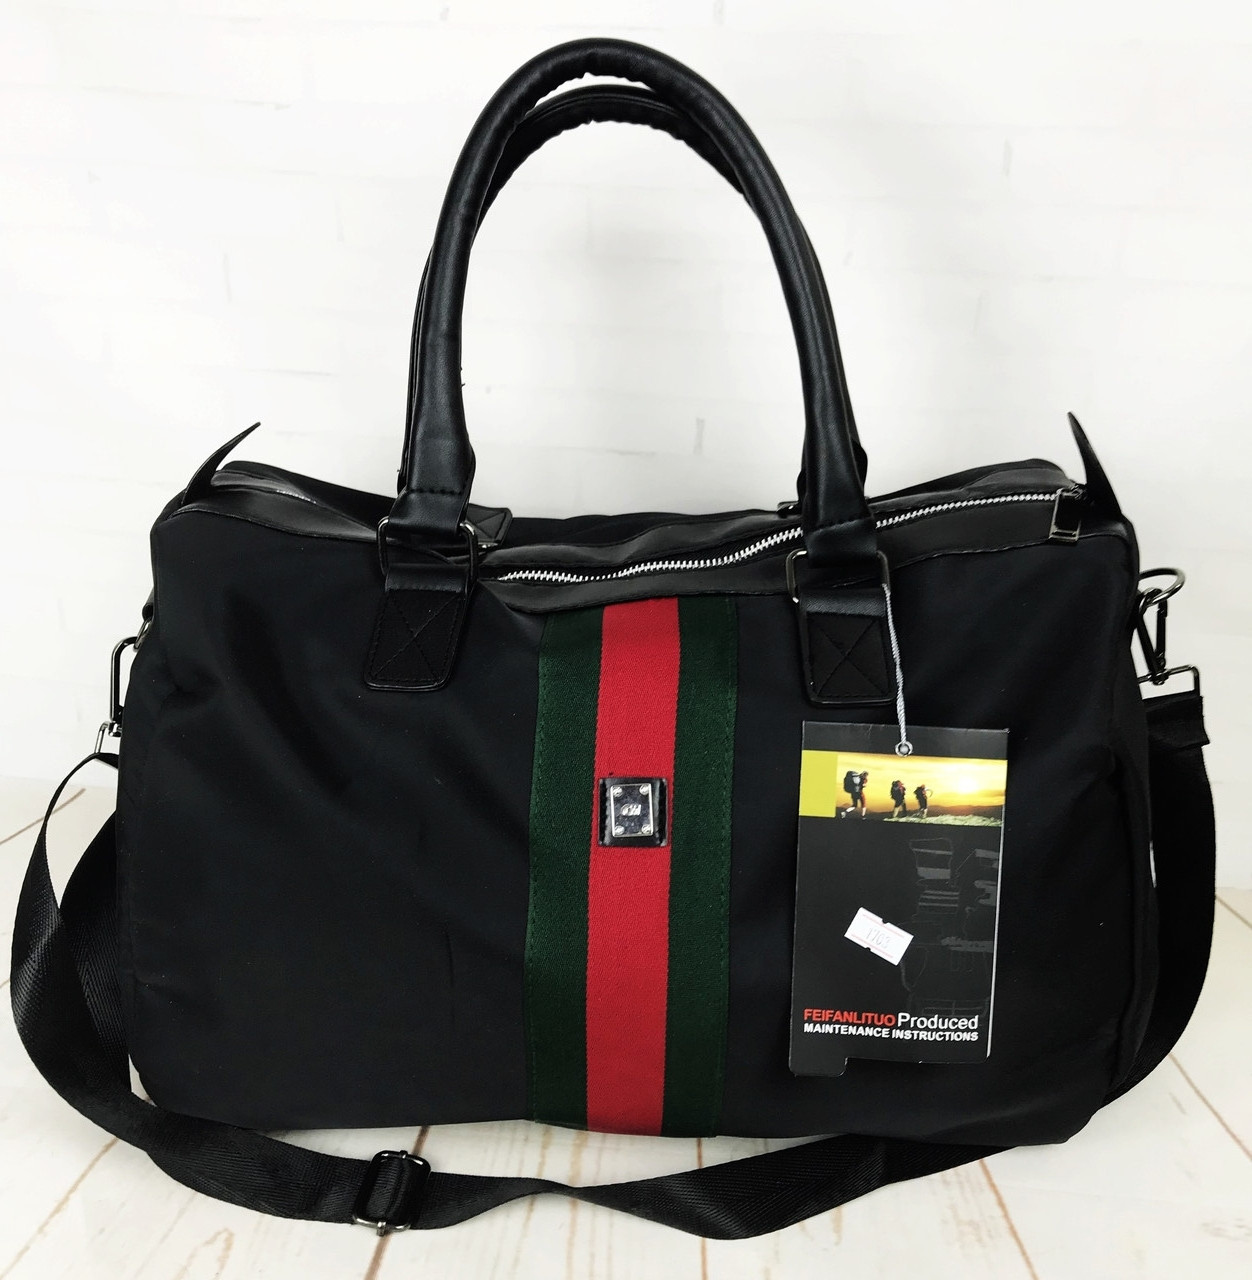 Городская сумка. Дорожная сумка. Сумка для поездок, путешествий КСС61-1